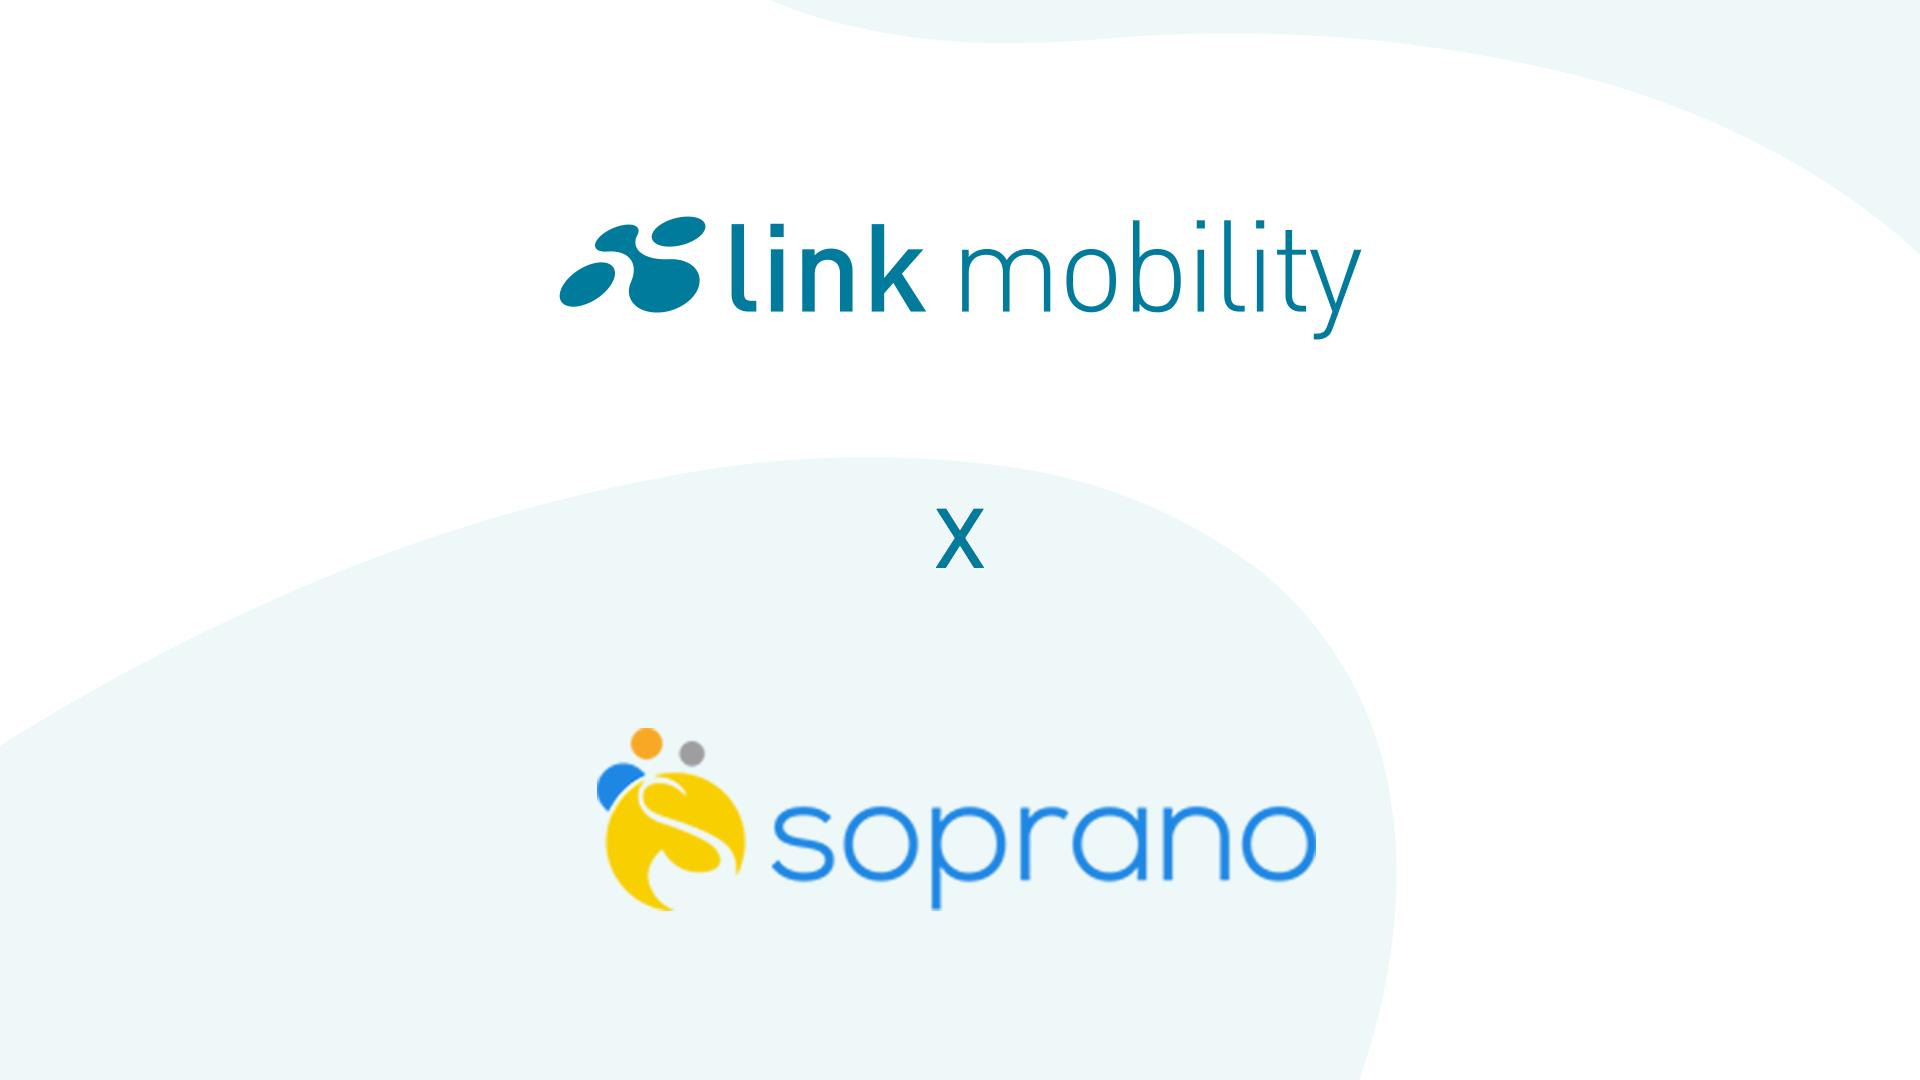 websms - LINK Mobility vereinbart ein exklusives Term Sheet zur Übernahme des globalen CPaaS-Anbieters Soprano Design mit Sitz in Sydney, Australien.